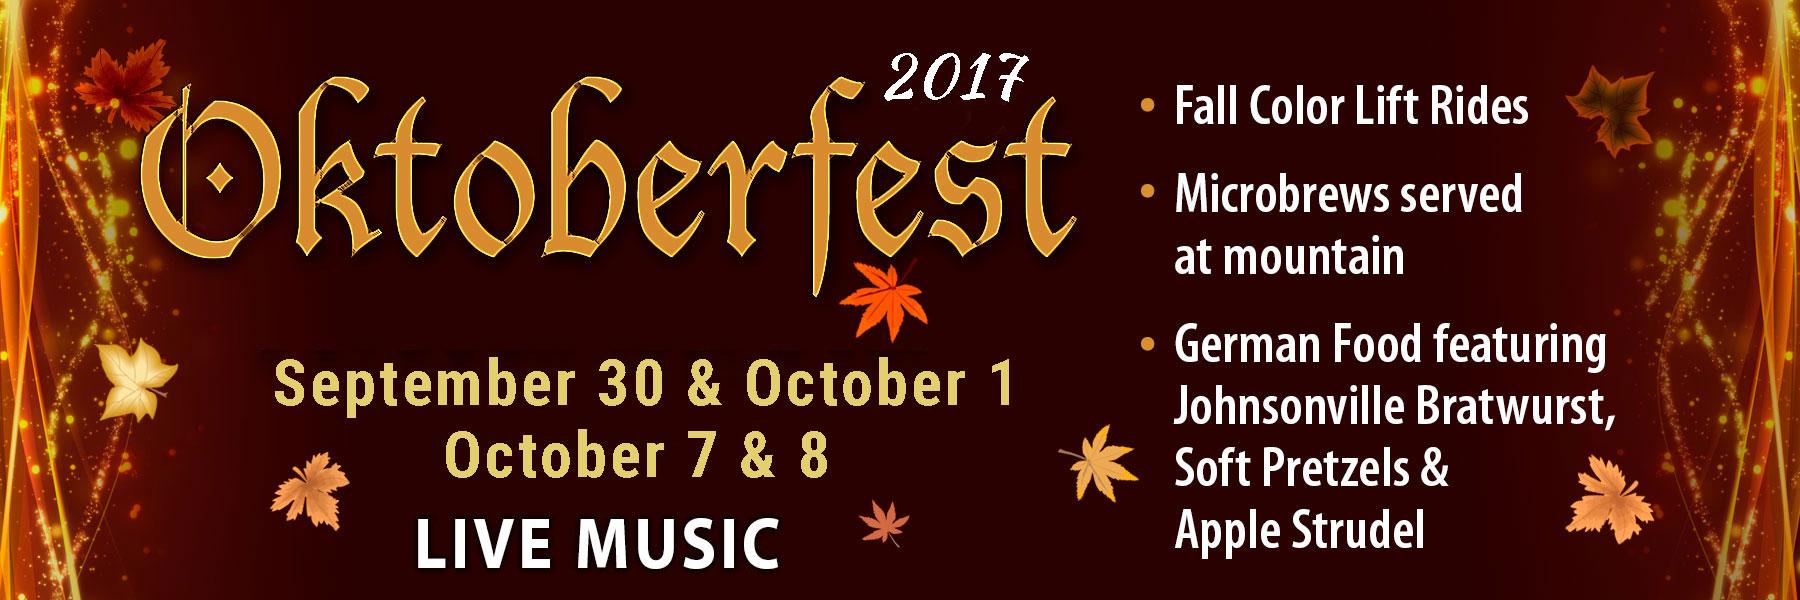 oktoberfest mount bohemia